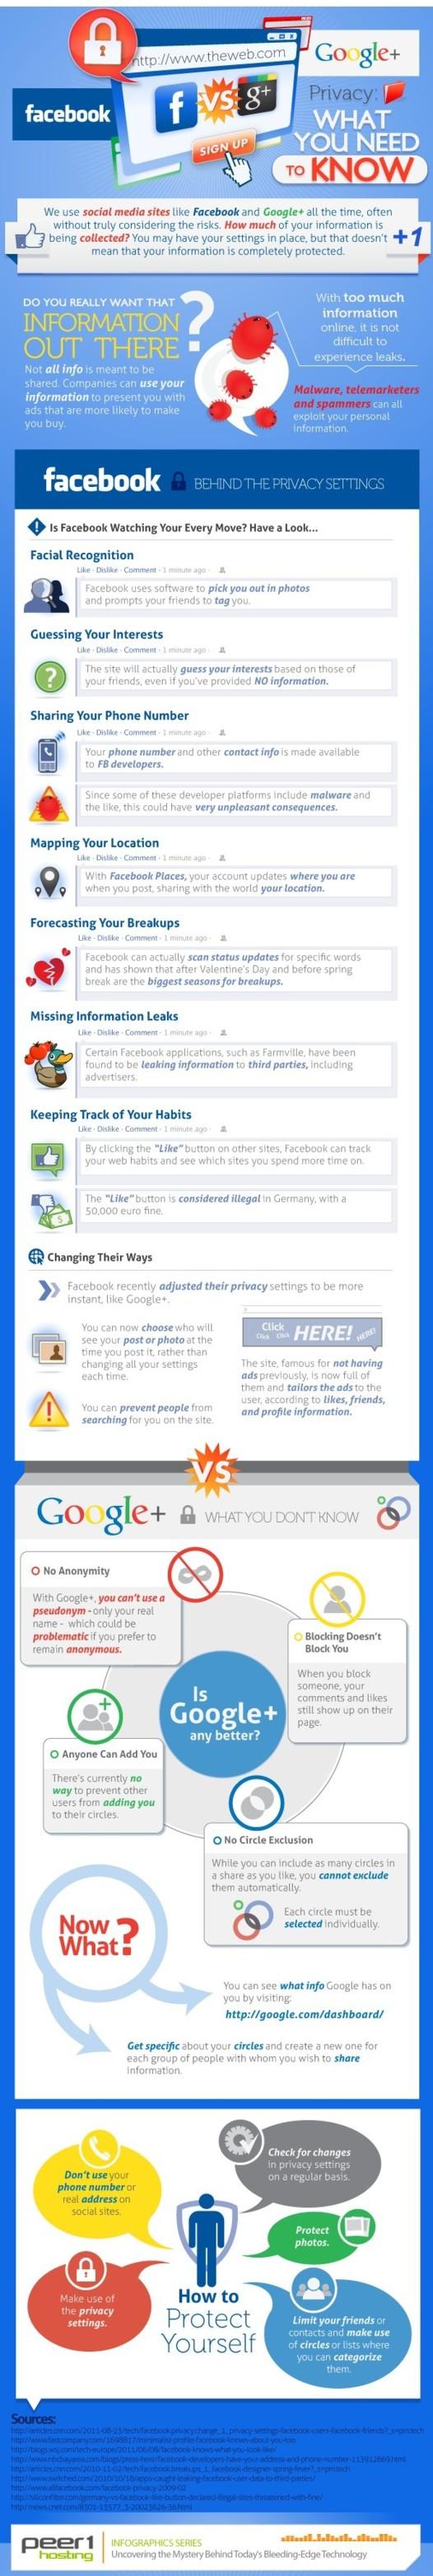 La vie privée sur Facebook et Google + en 1 image